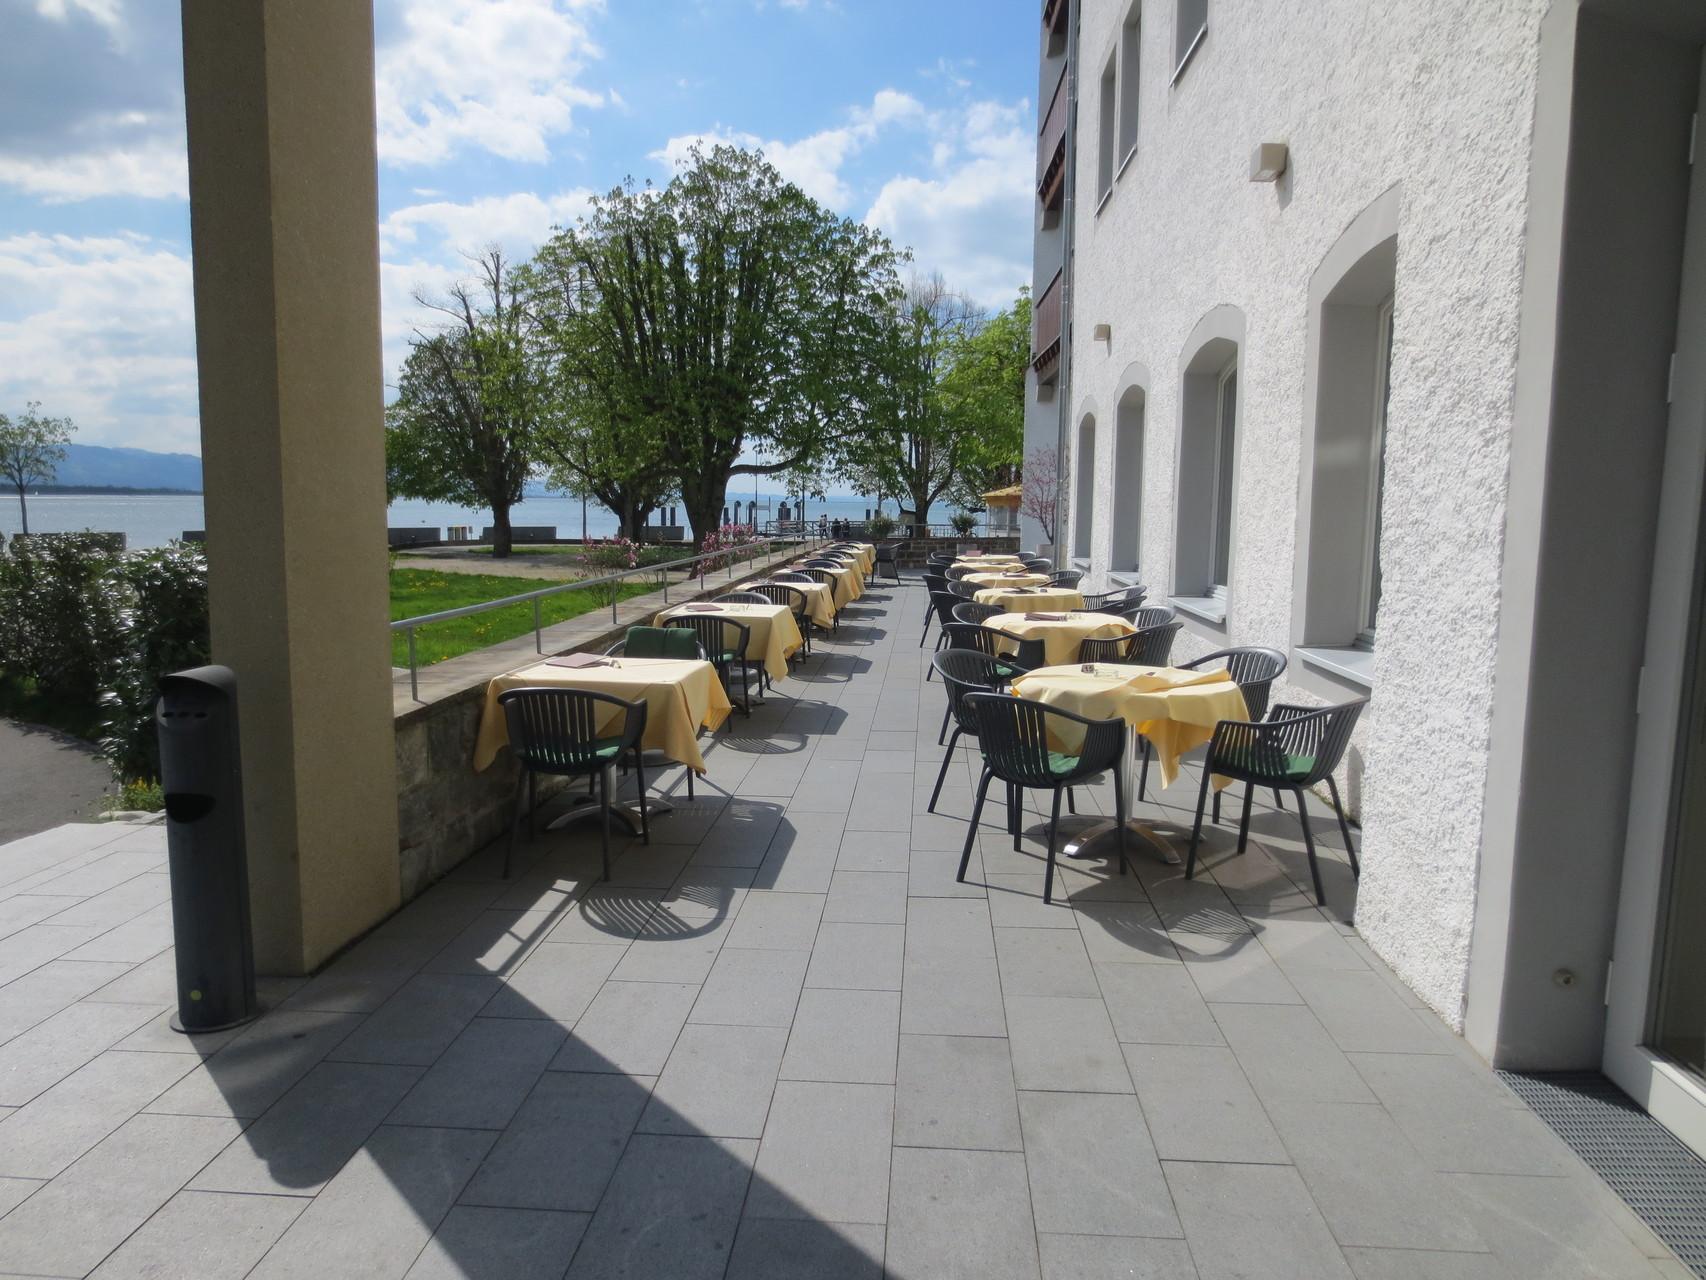 Terrasse Sentido Seehotel am Kaiserstrand im österreichischen Lochau